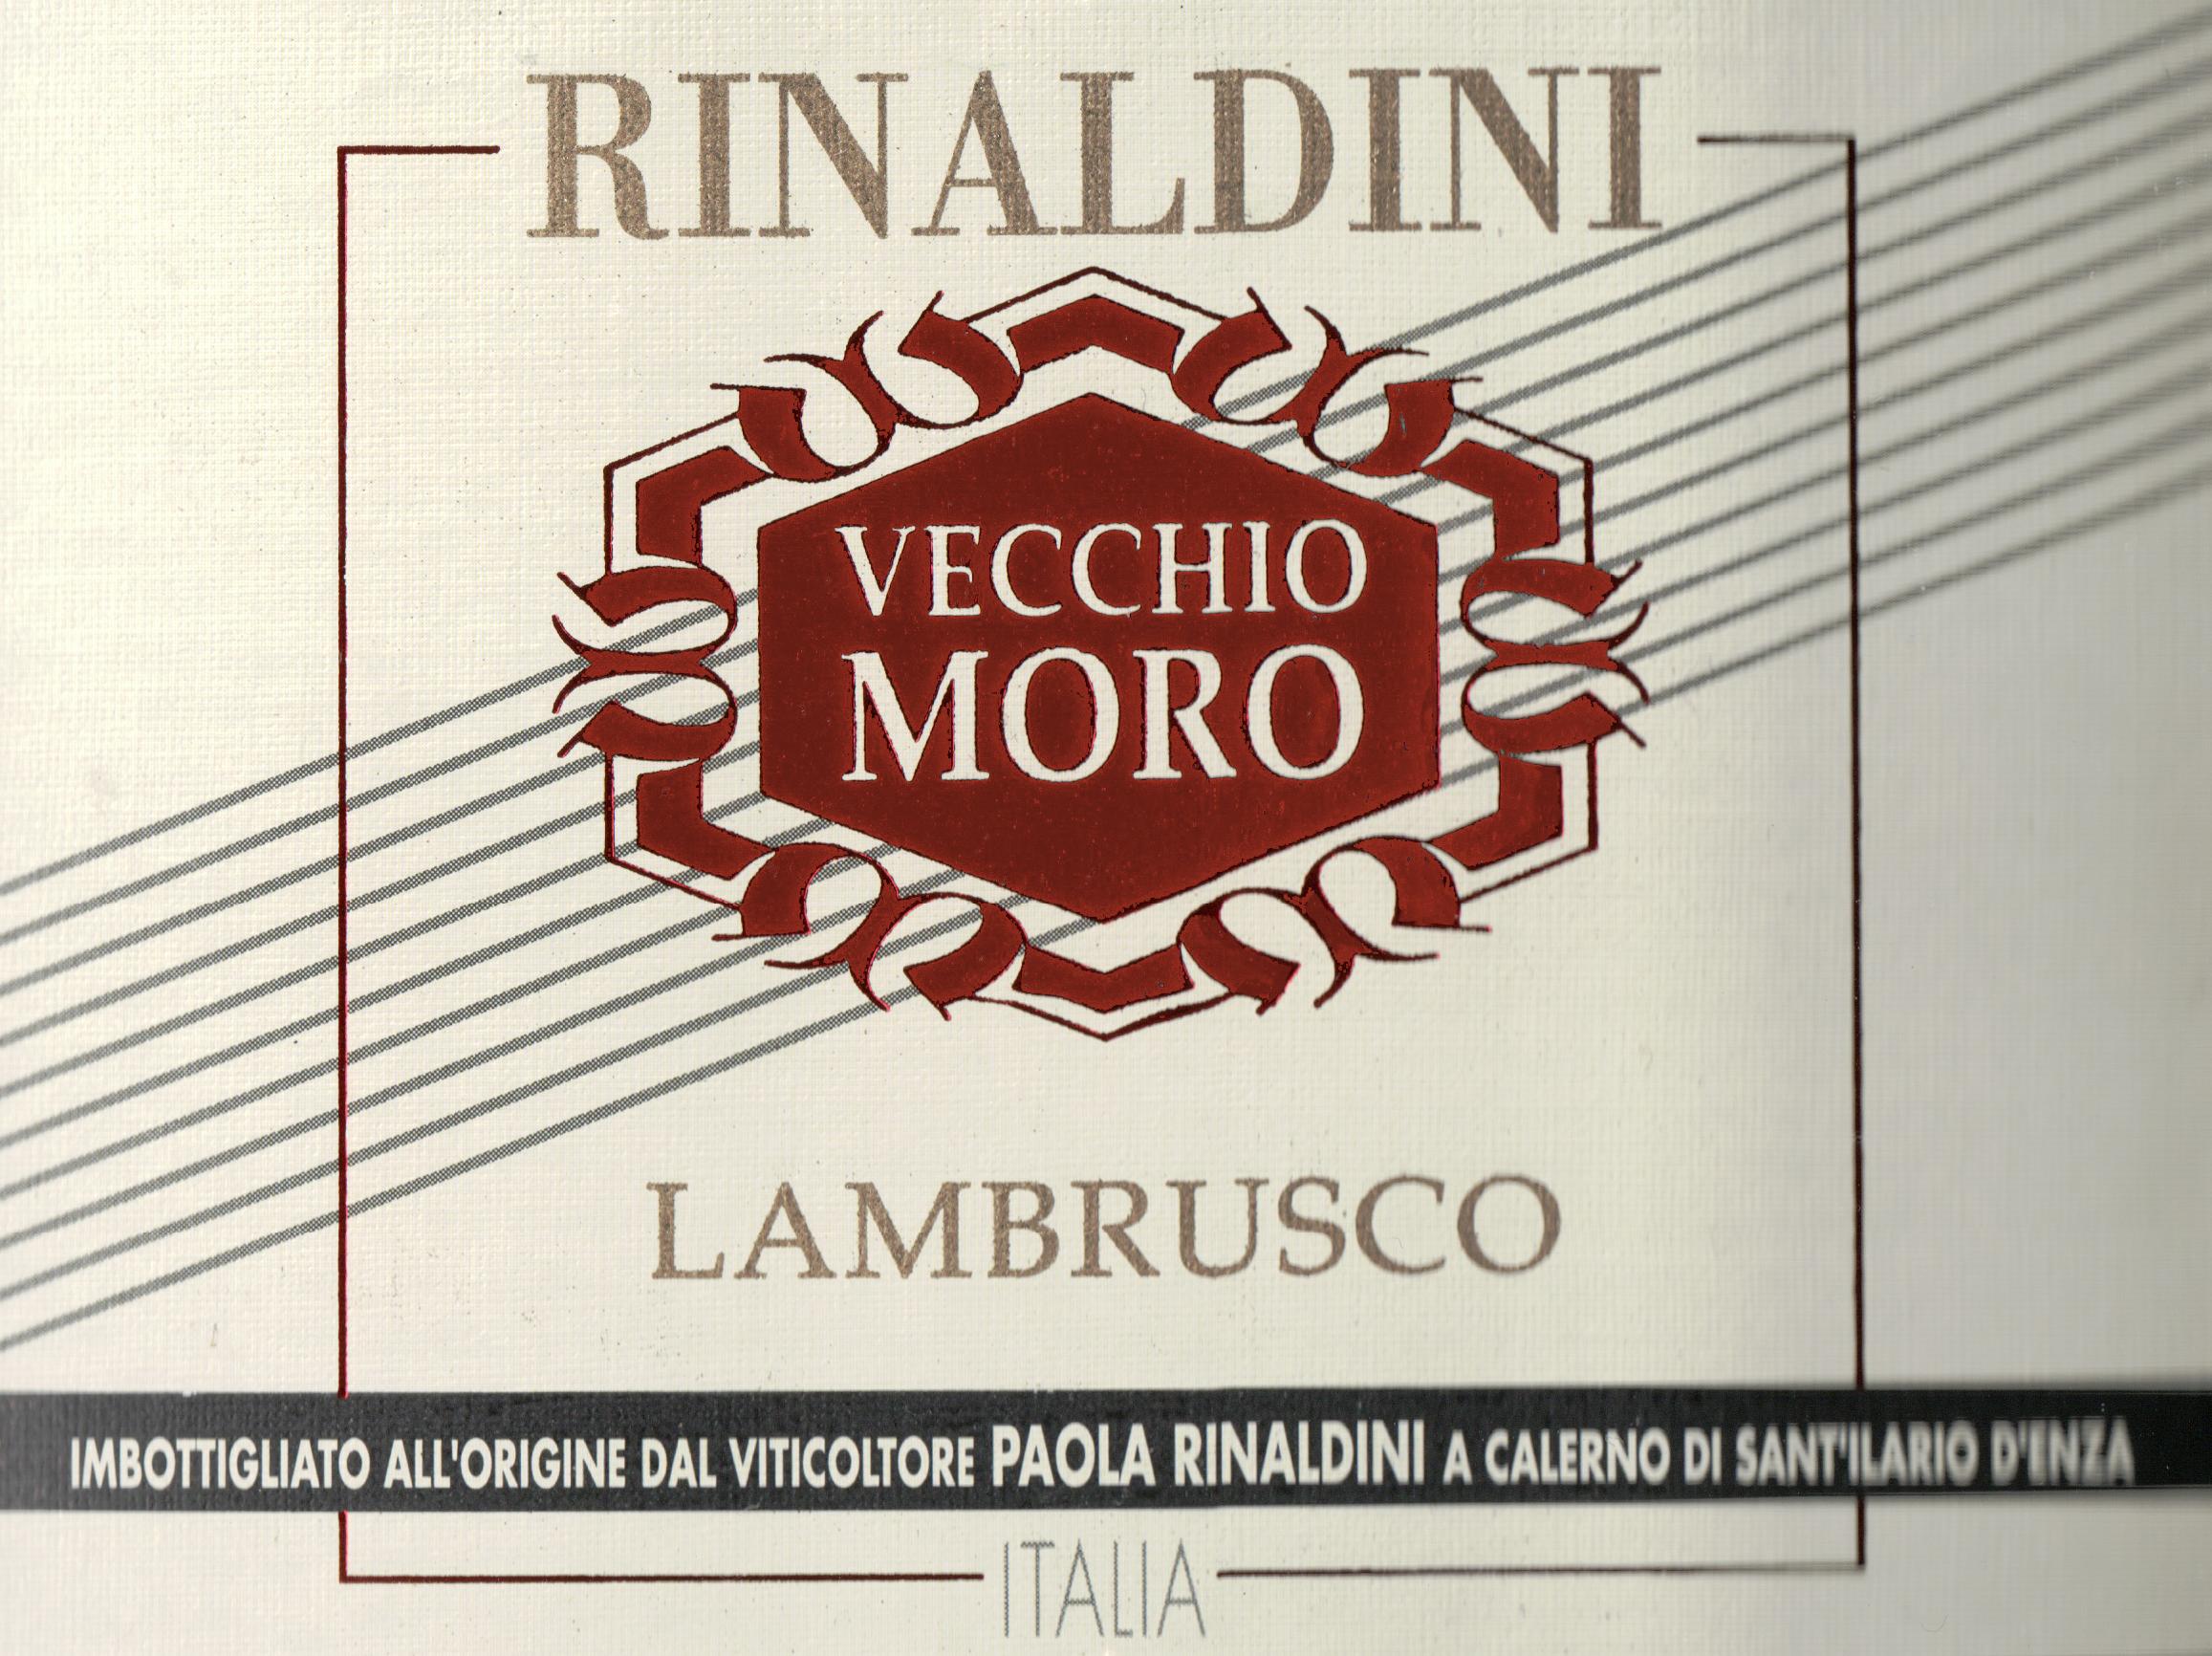 Rinaldini Lambrusco Vecchio Moro